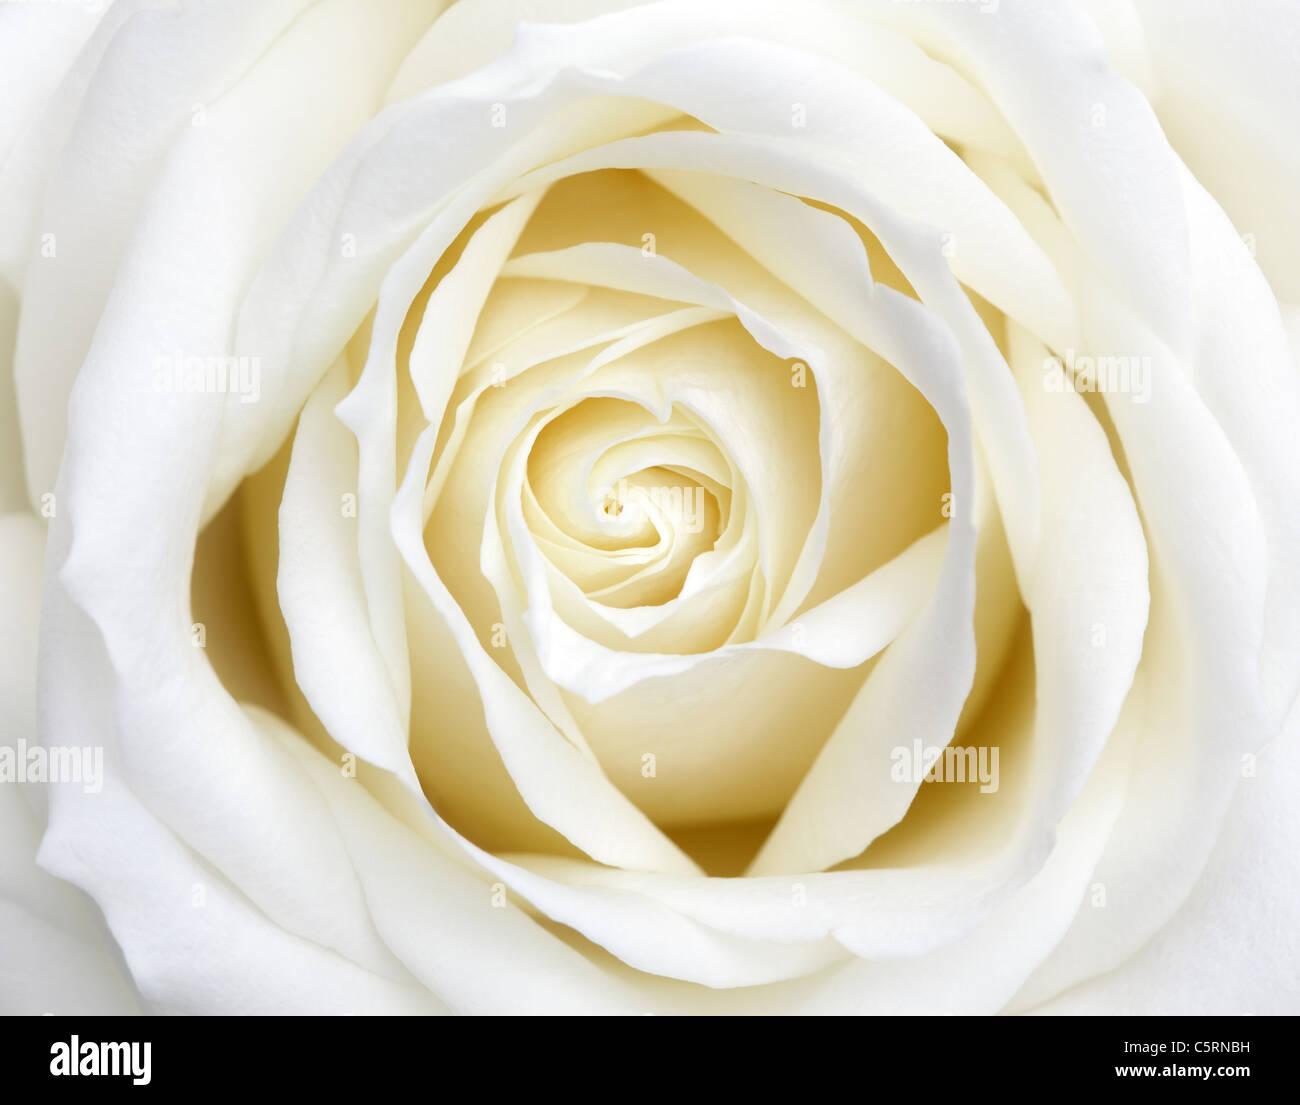 Weie Rose Symbol die wei e rose ein symbol der unschuld